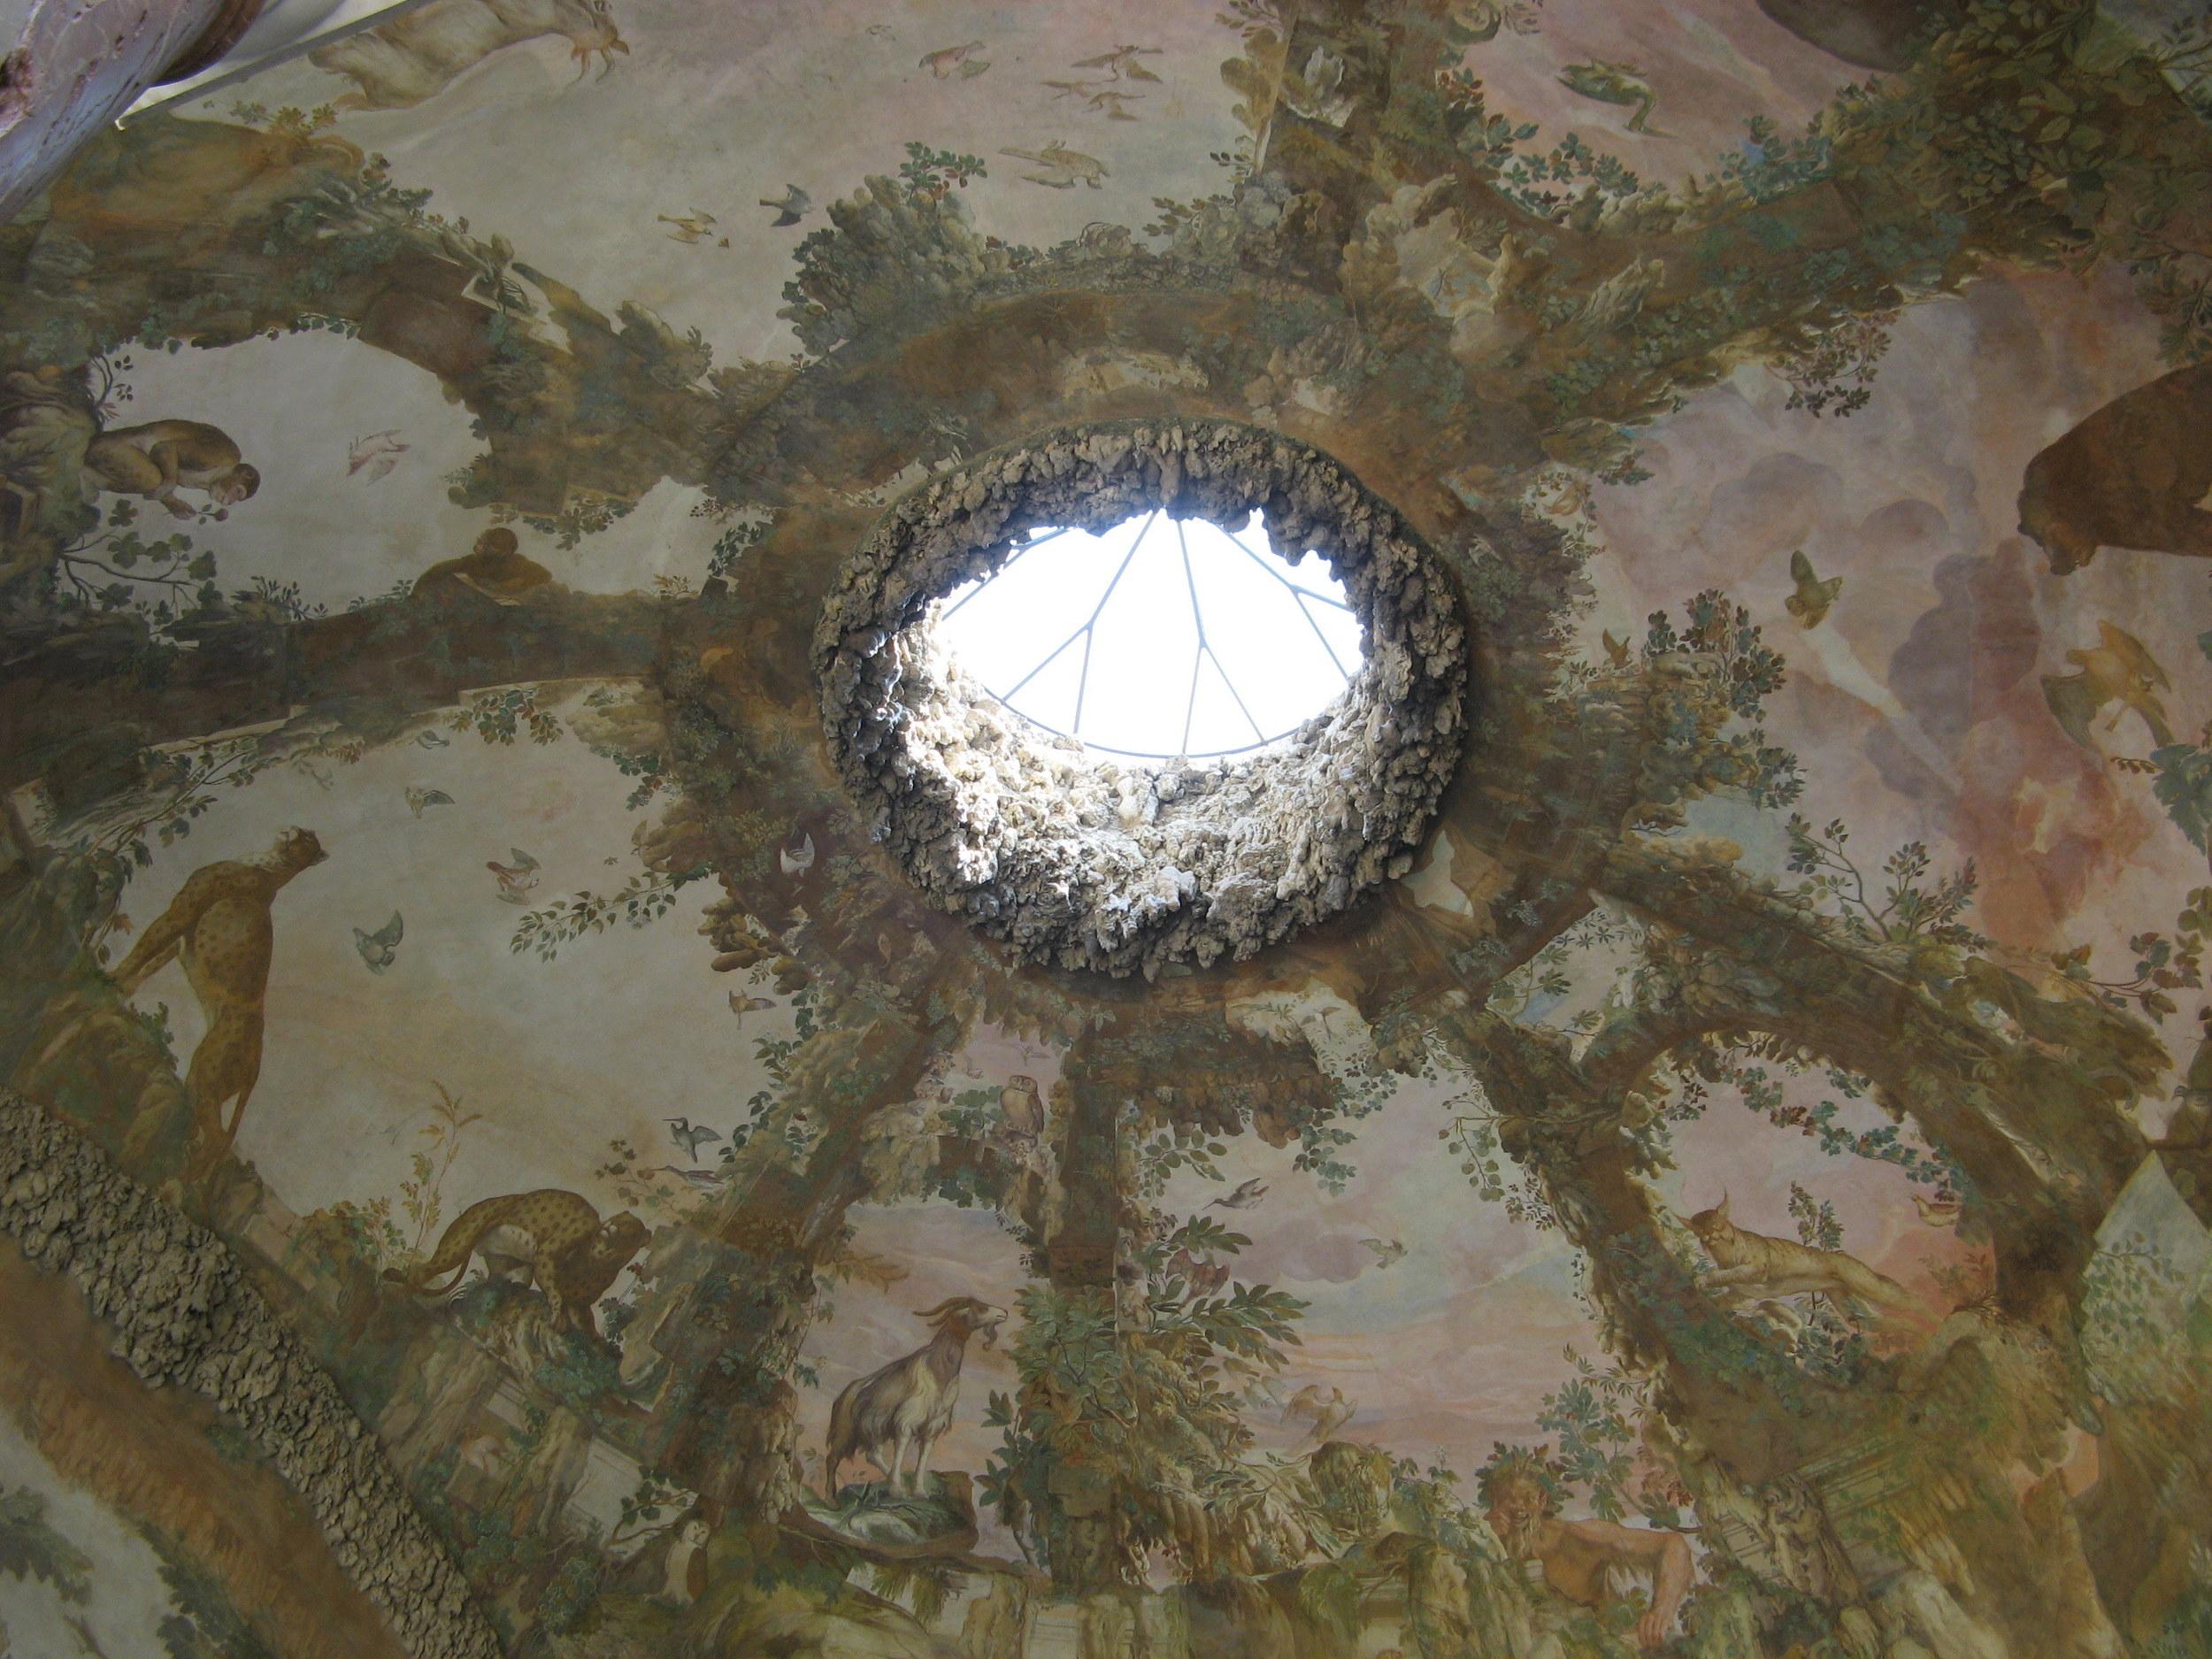 Frescos in the Grotta di Buontalenti, Boboli Gardens, Florence